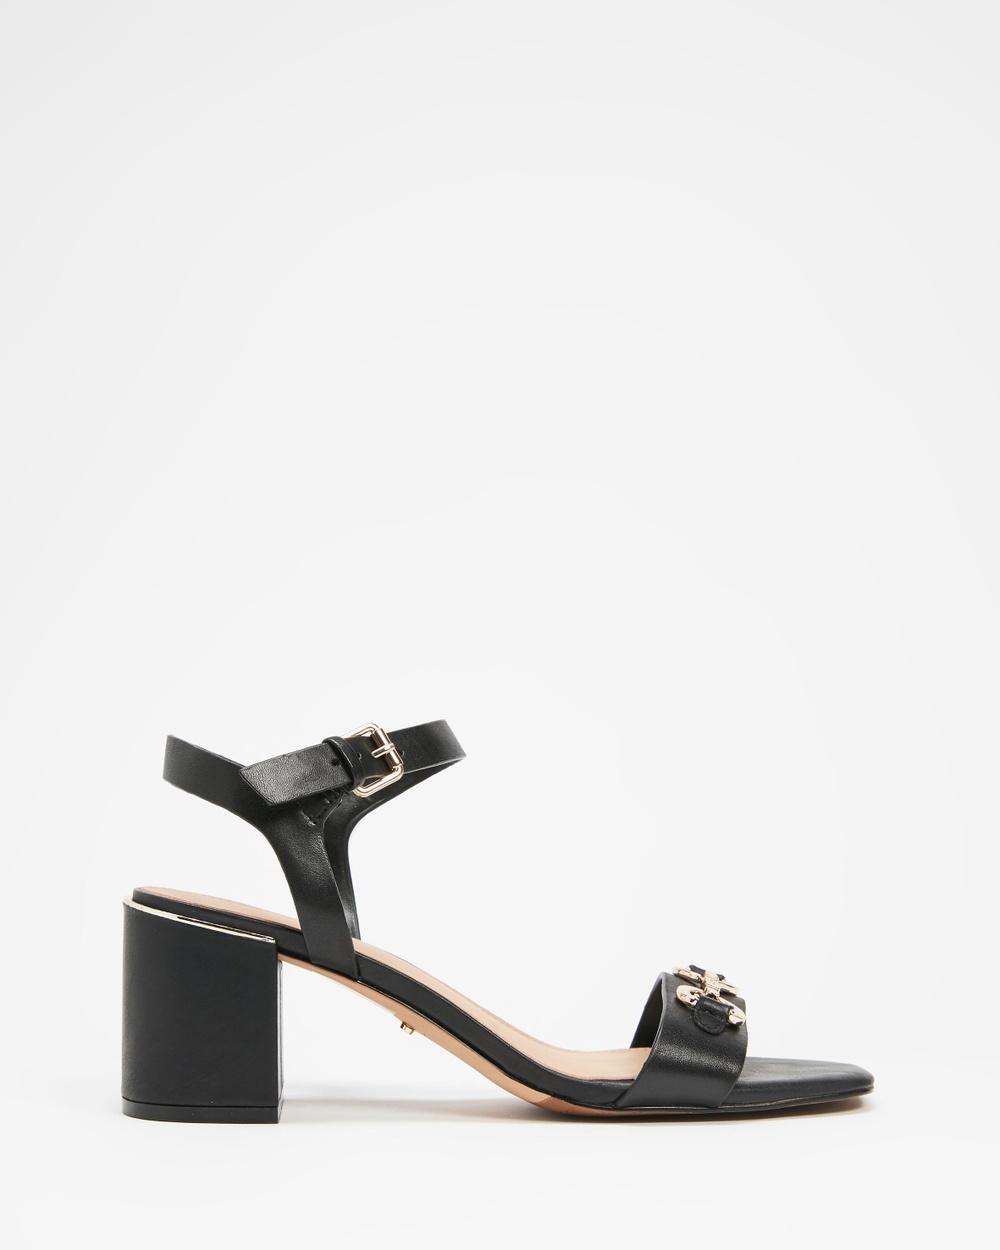 ALDO Aliniflex Mid-low heels Black